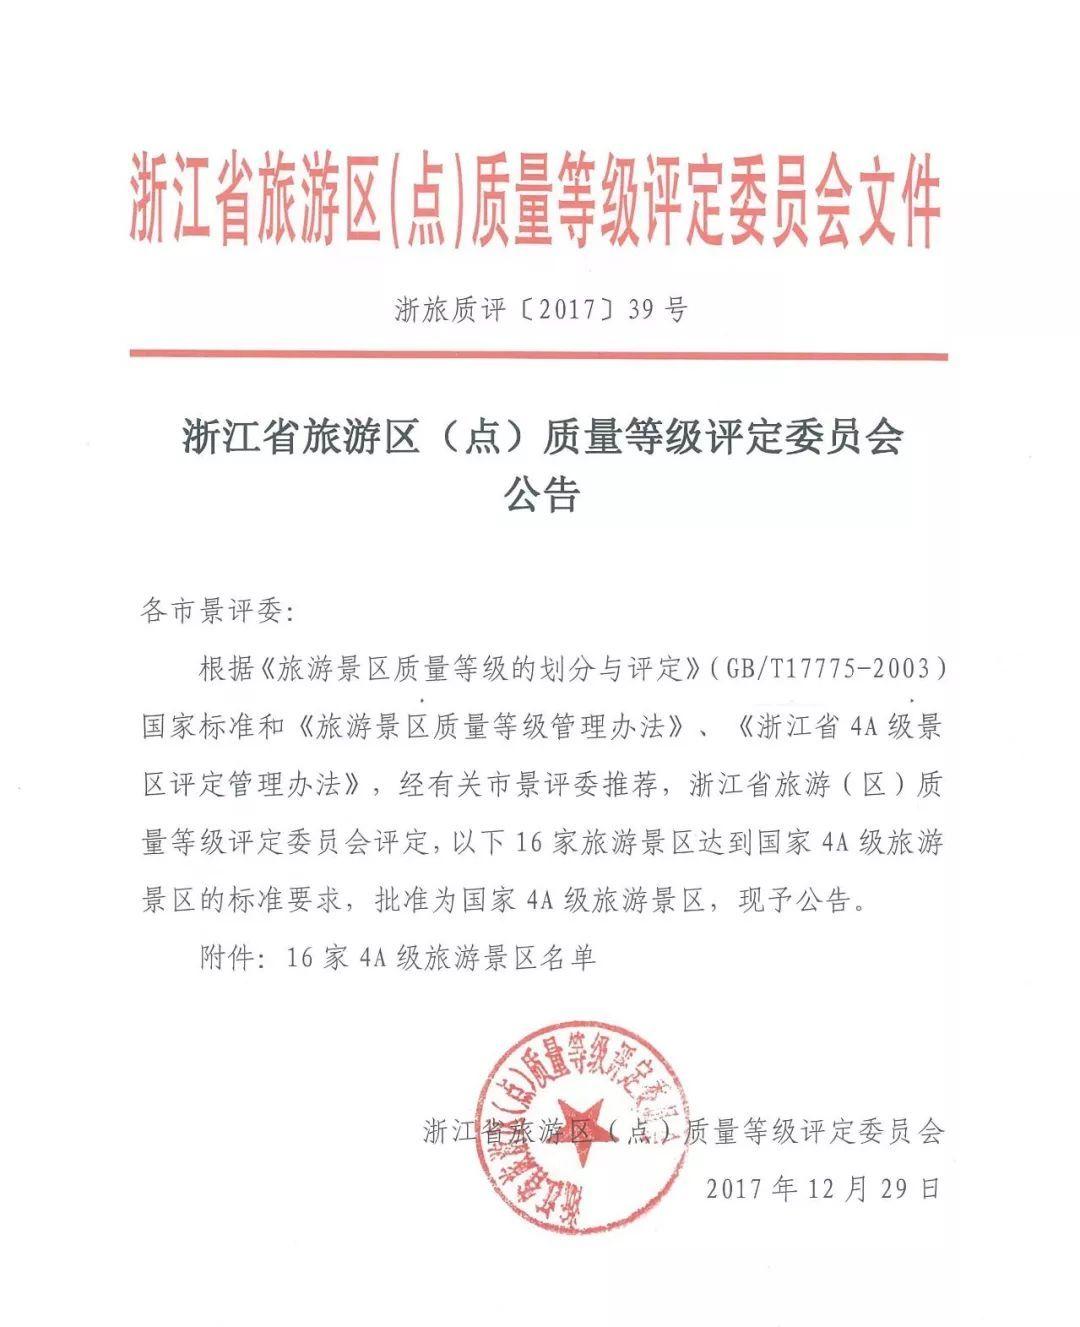 天台南屏旅游景区成功创建国家4a级旅游景区.